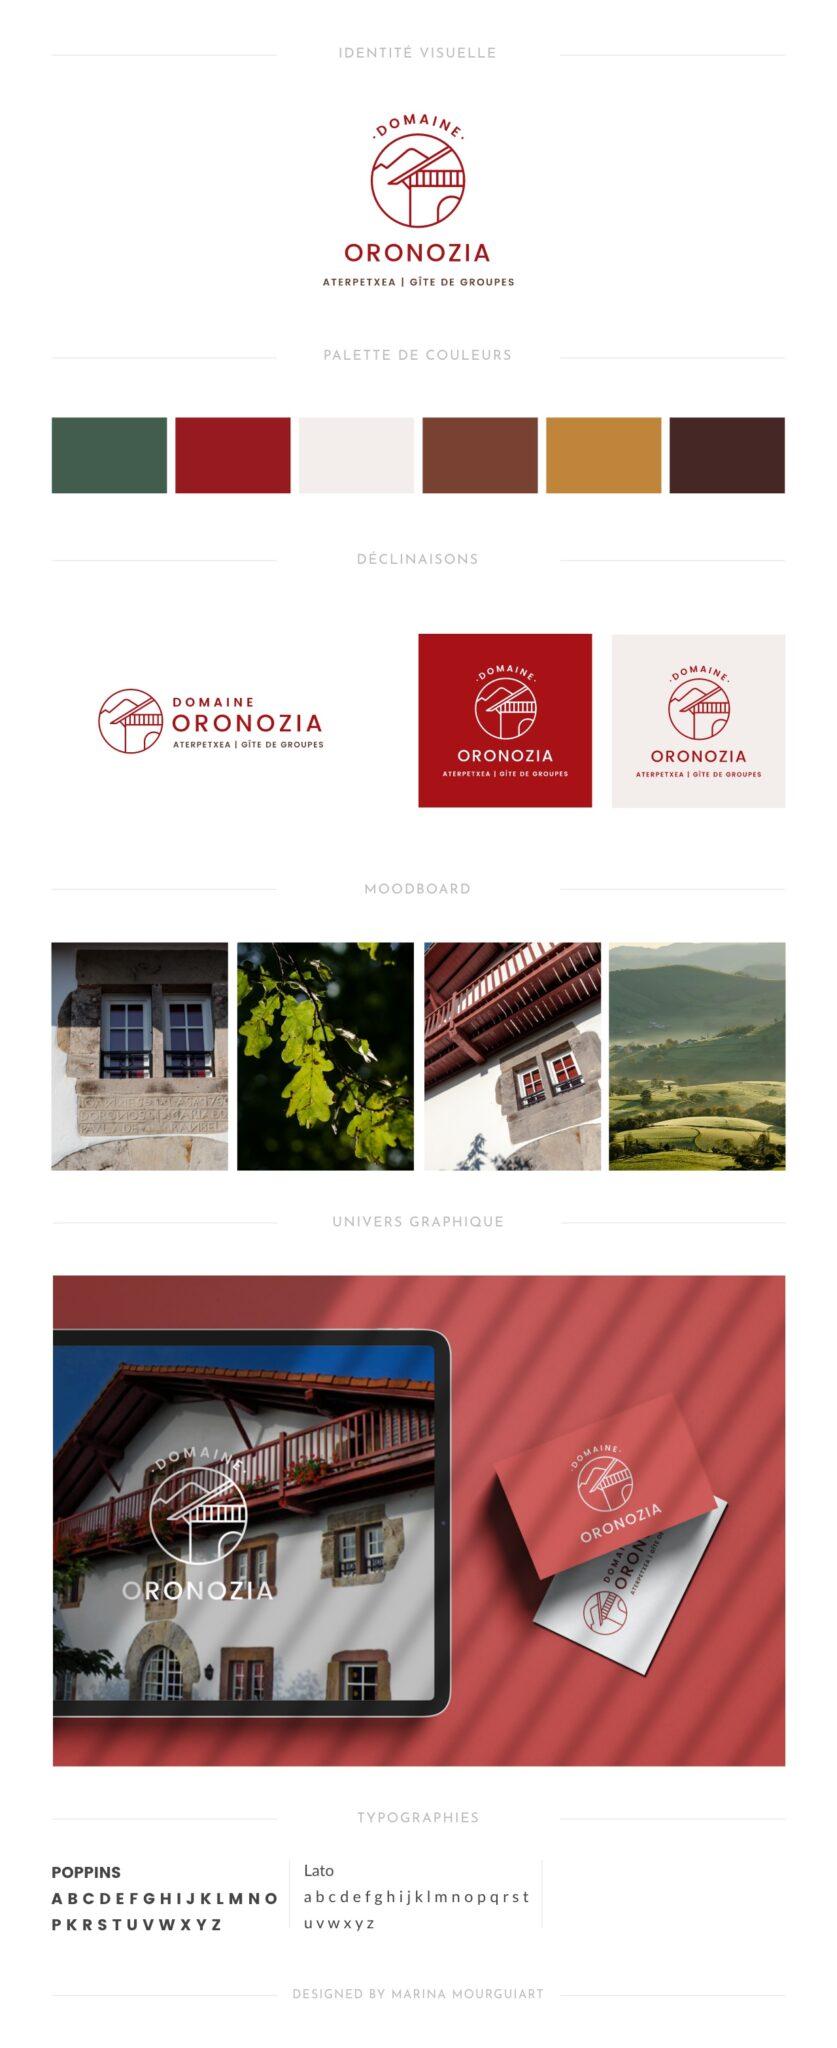 Brand board hôtel Création de logo et site internet pour gîte de groupe, hôtel, centre de vacances au Pays basque - identité visuelle